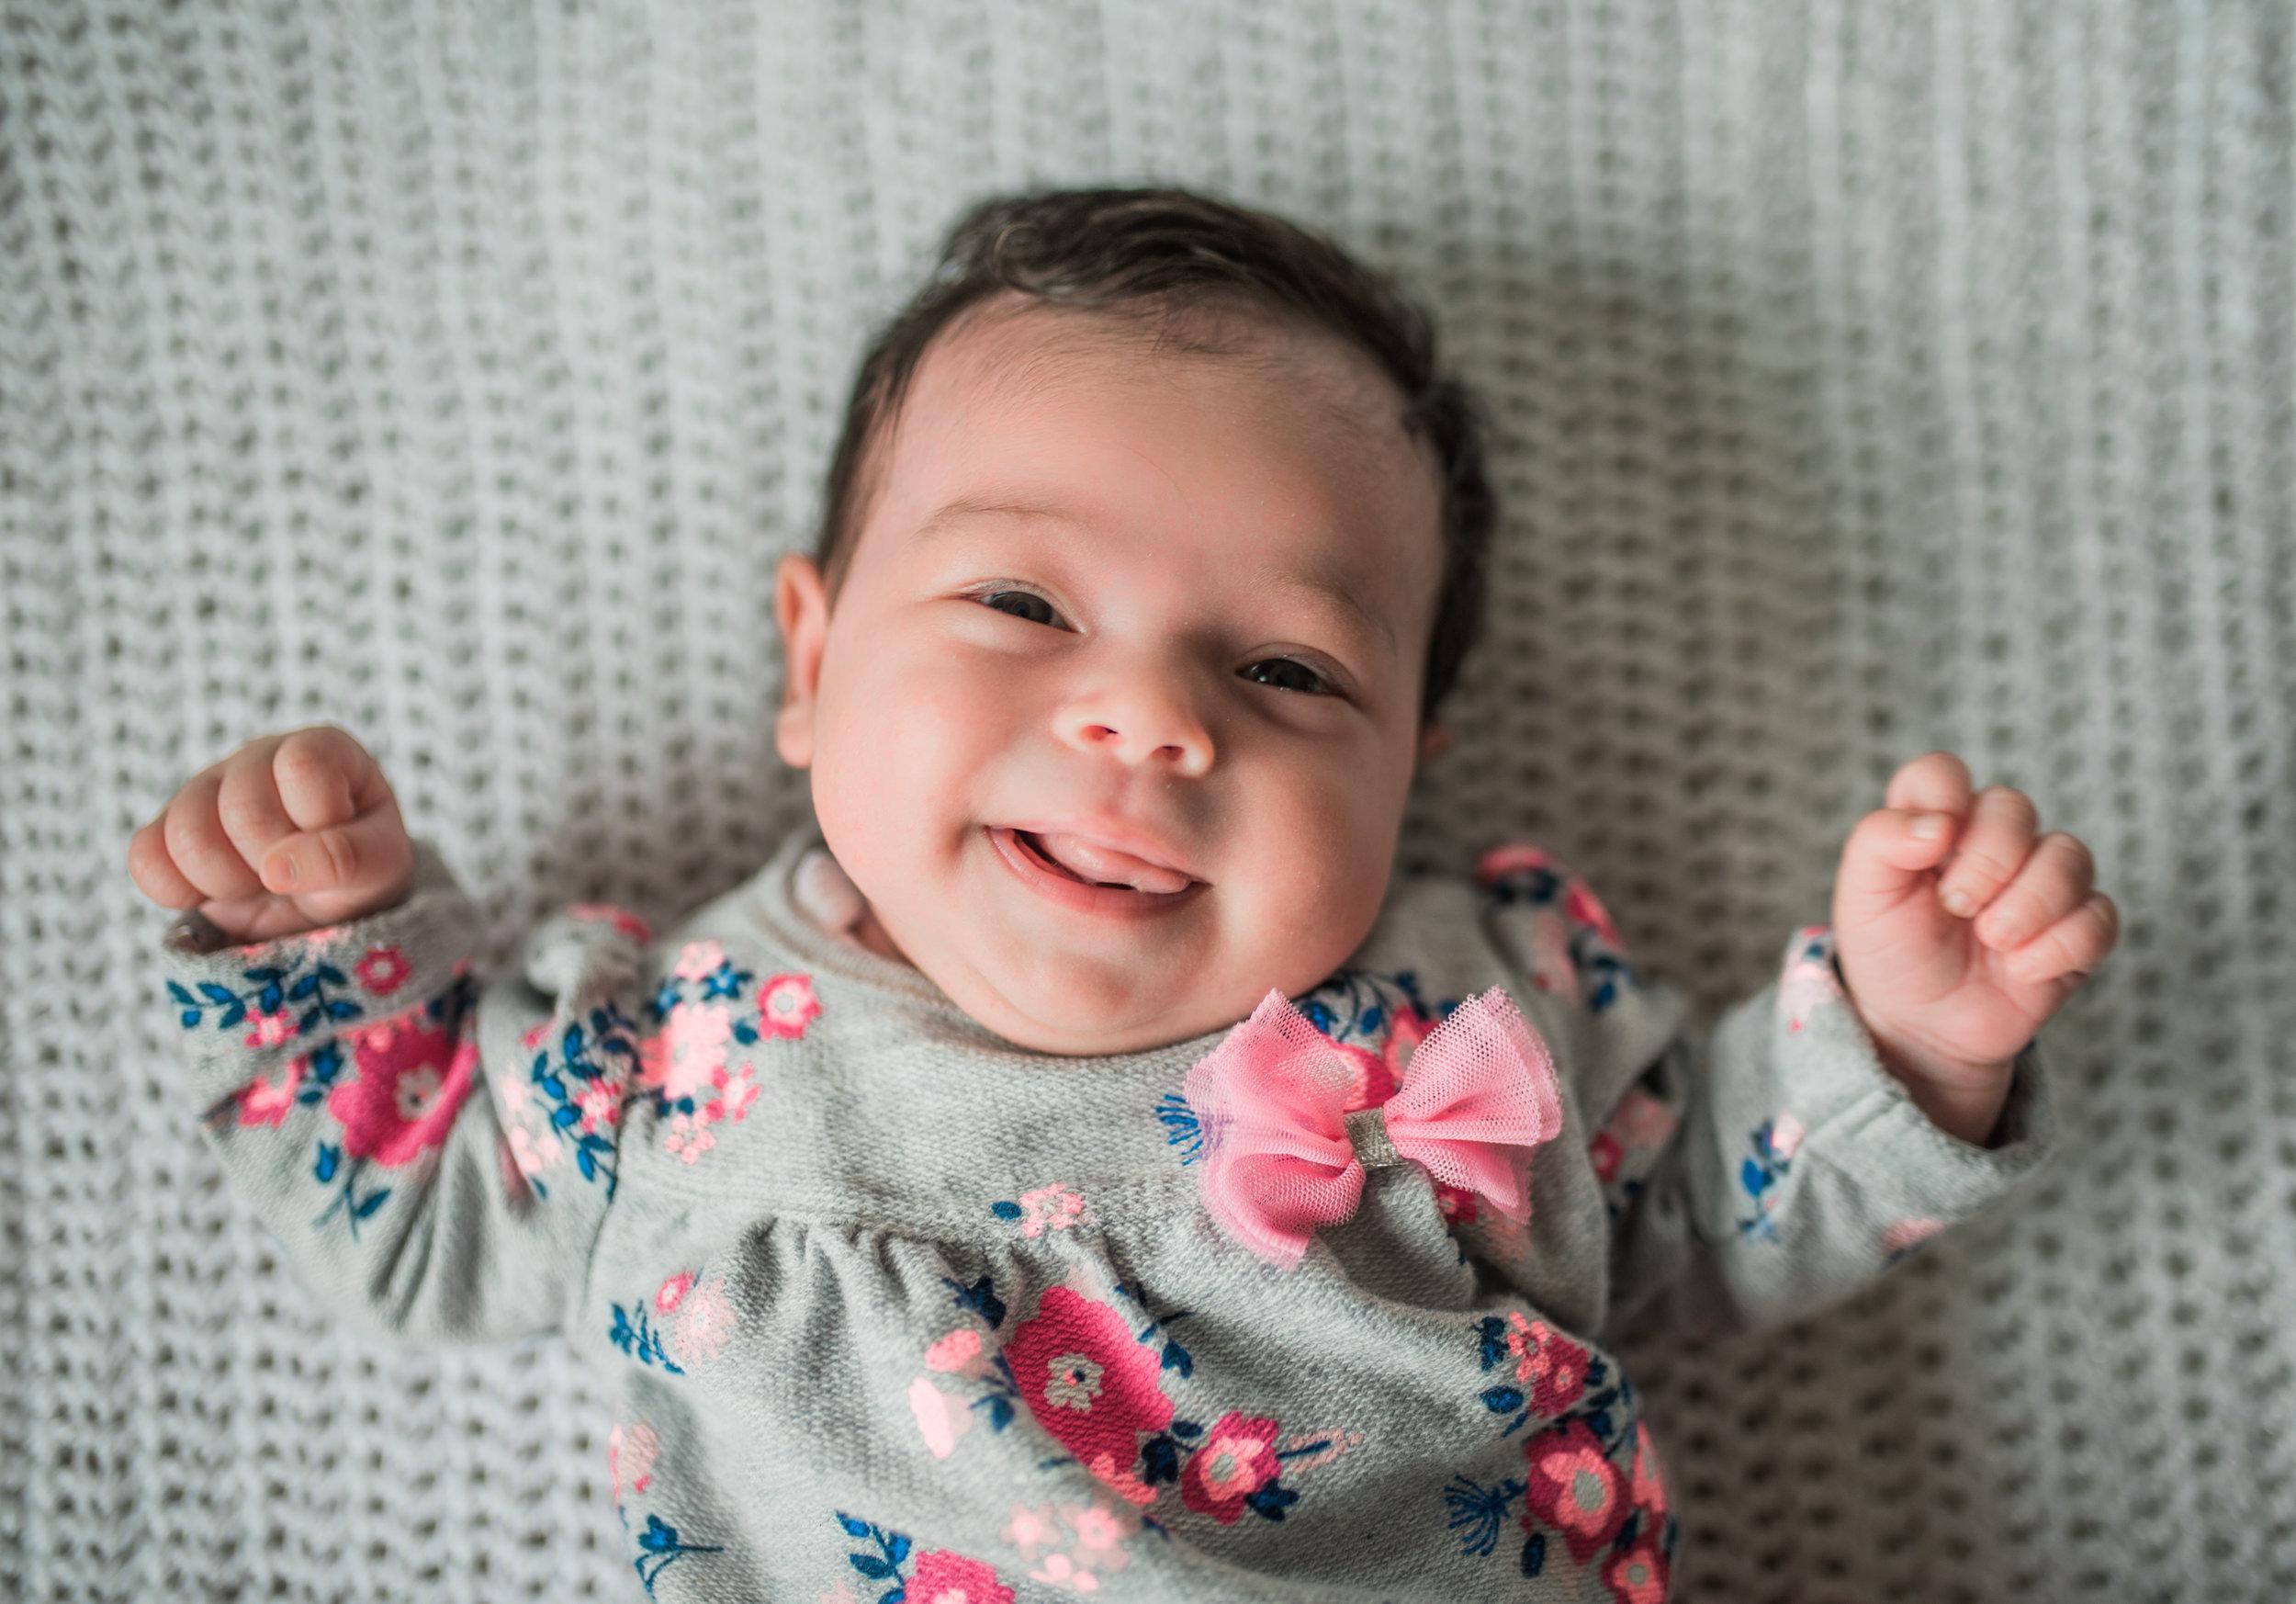 9-Maryland-Newborn-Photographer-Lifestyle-Session-By-Breanna-Kuhlmann-BKLP-Photos.jpg